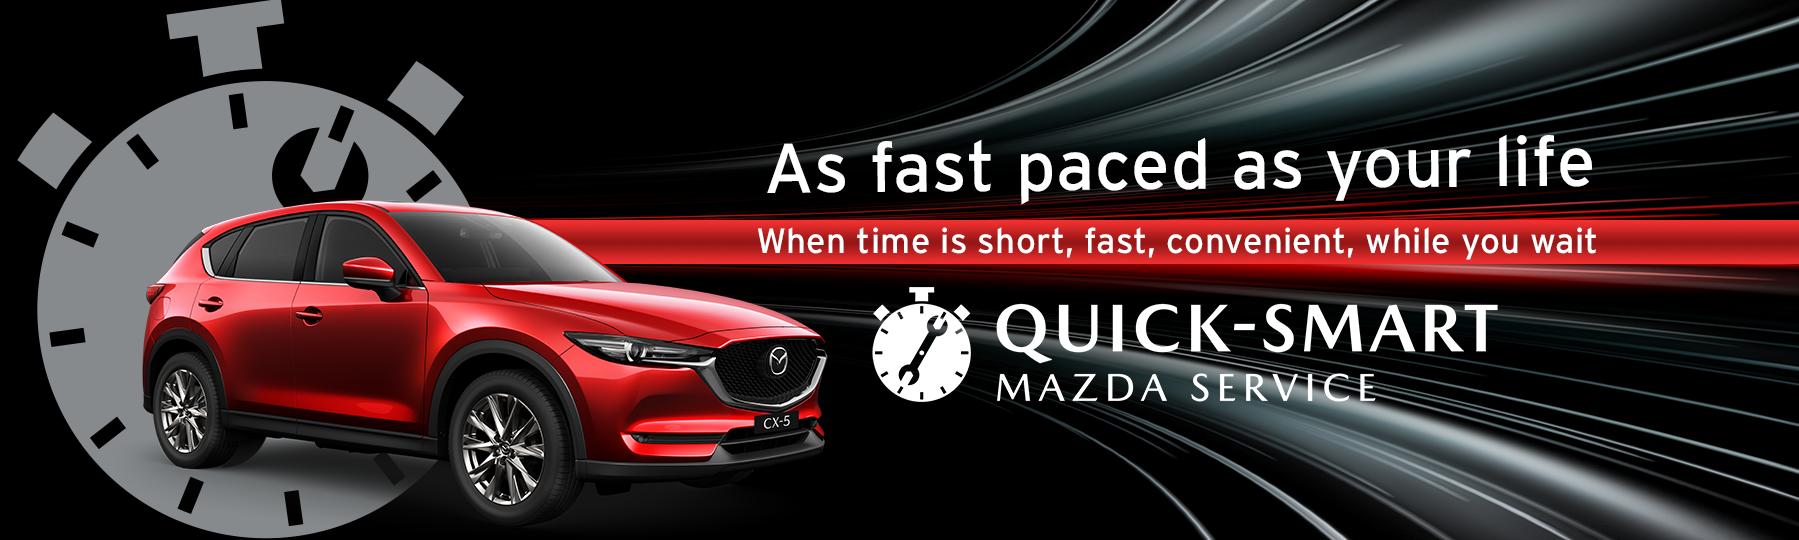 Mazda Quick Smart Service